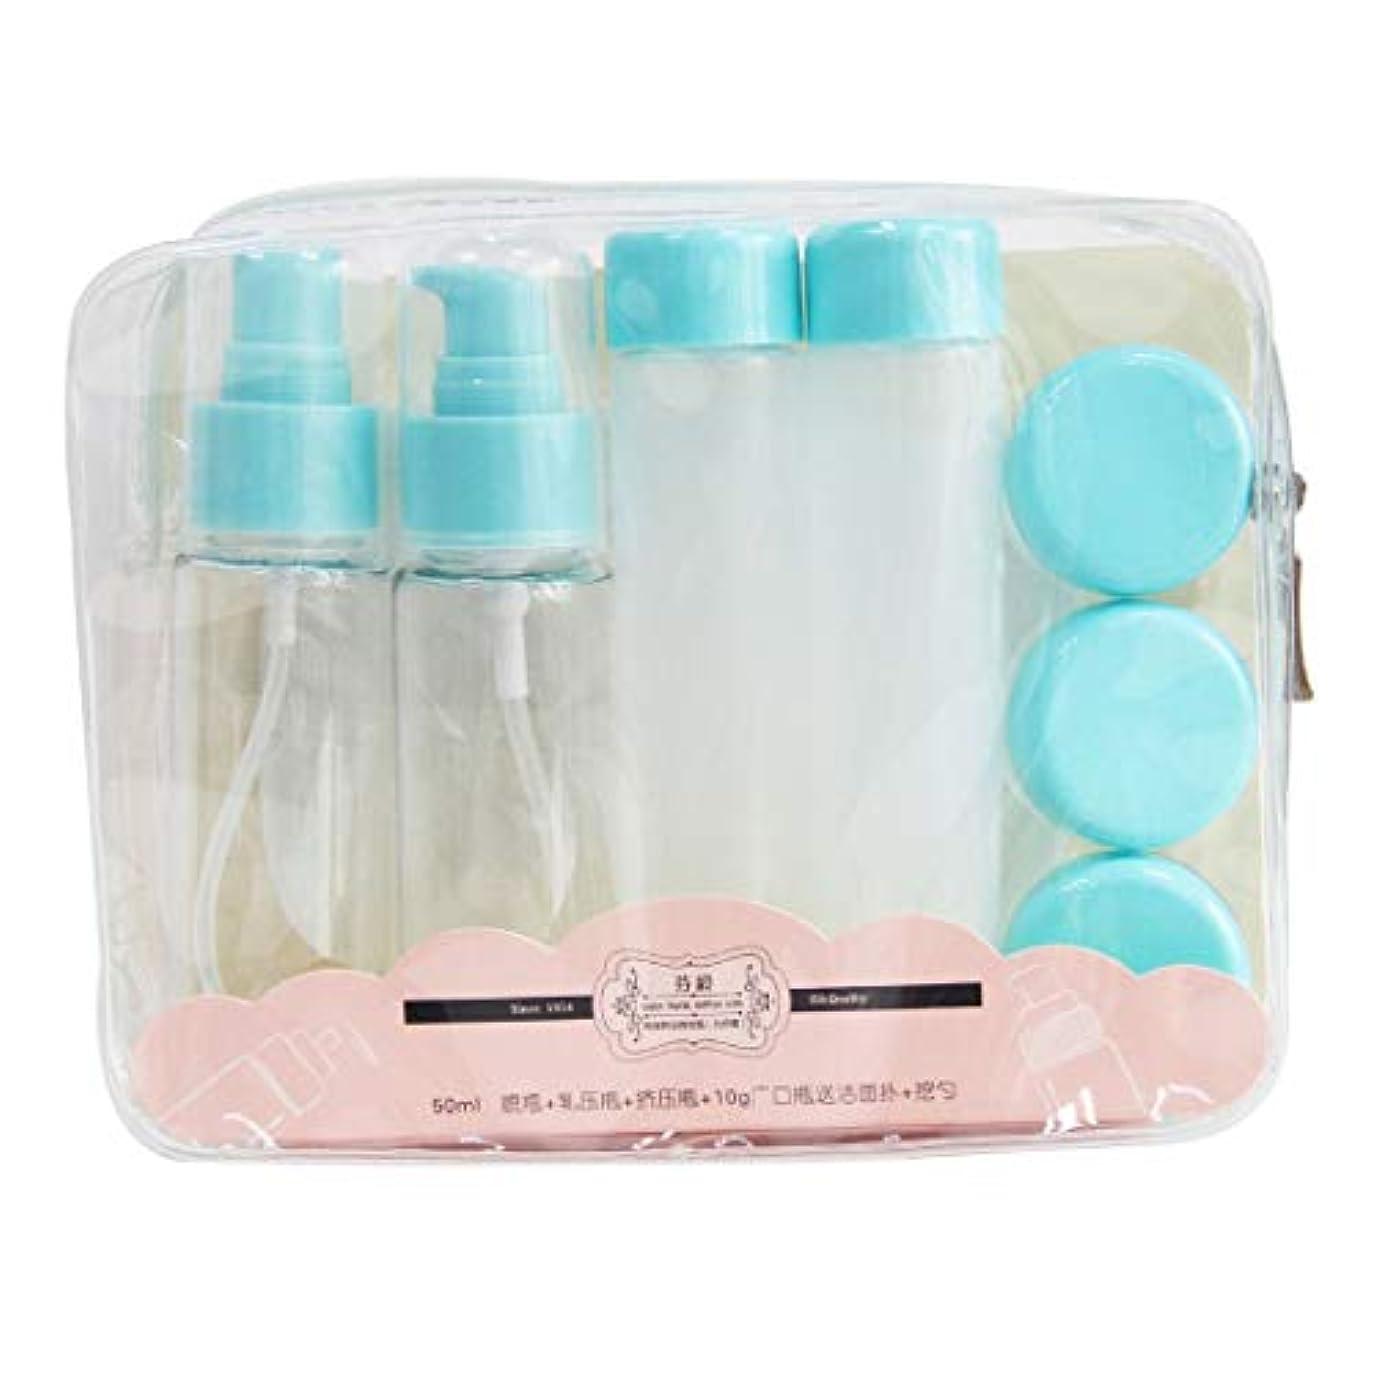 ご予約うねる賃金MEI1JIA QUELLIA F3766旅行サブパッケージ化粧品ボトルキット(ピンク) (色 : Blue)